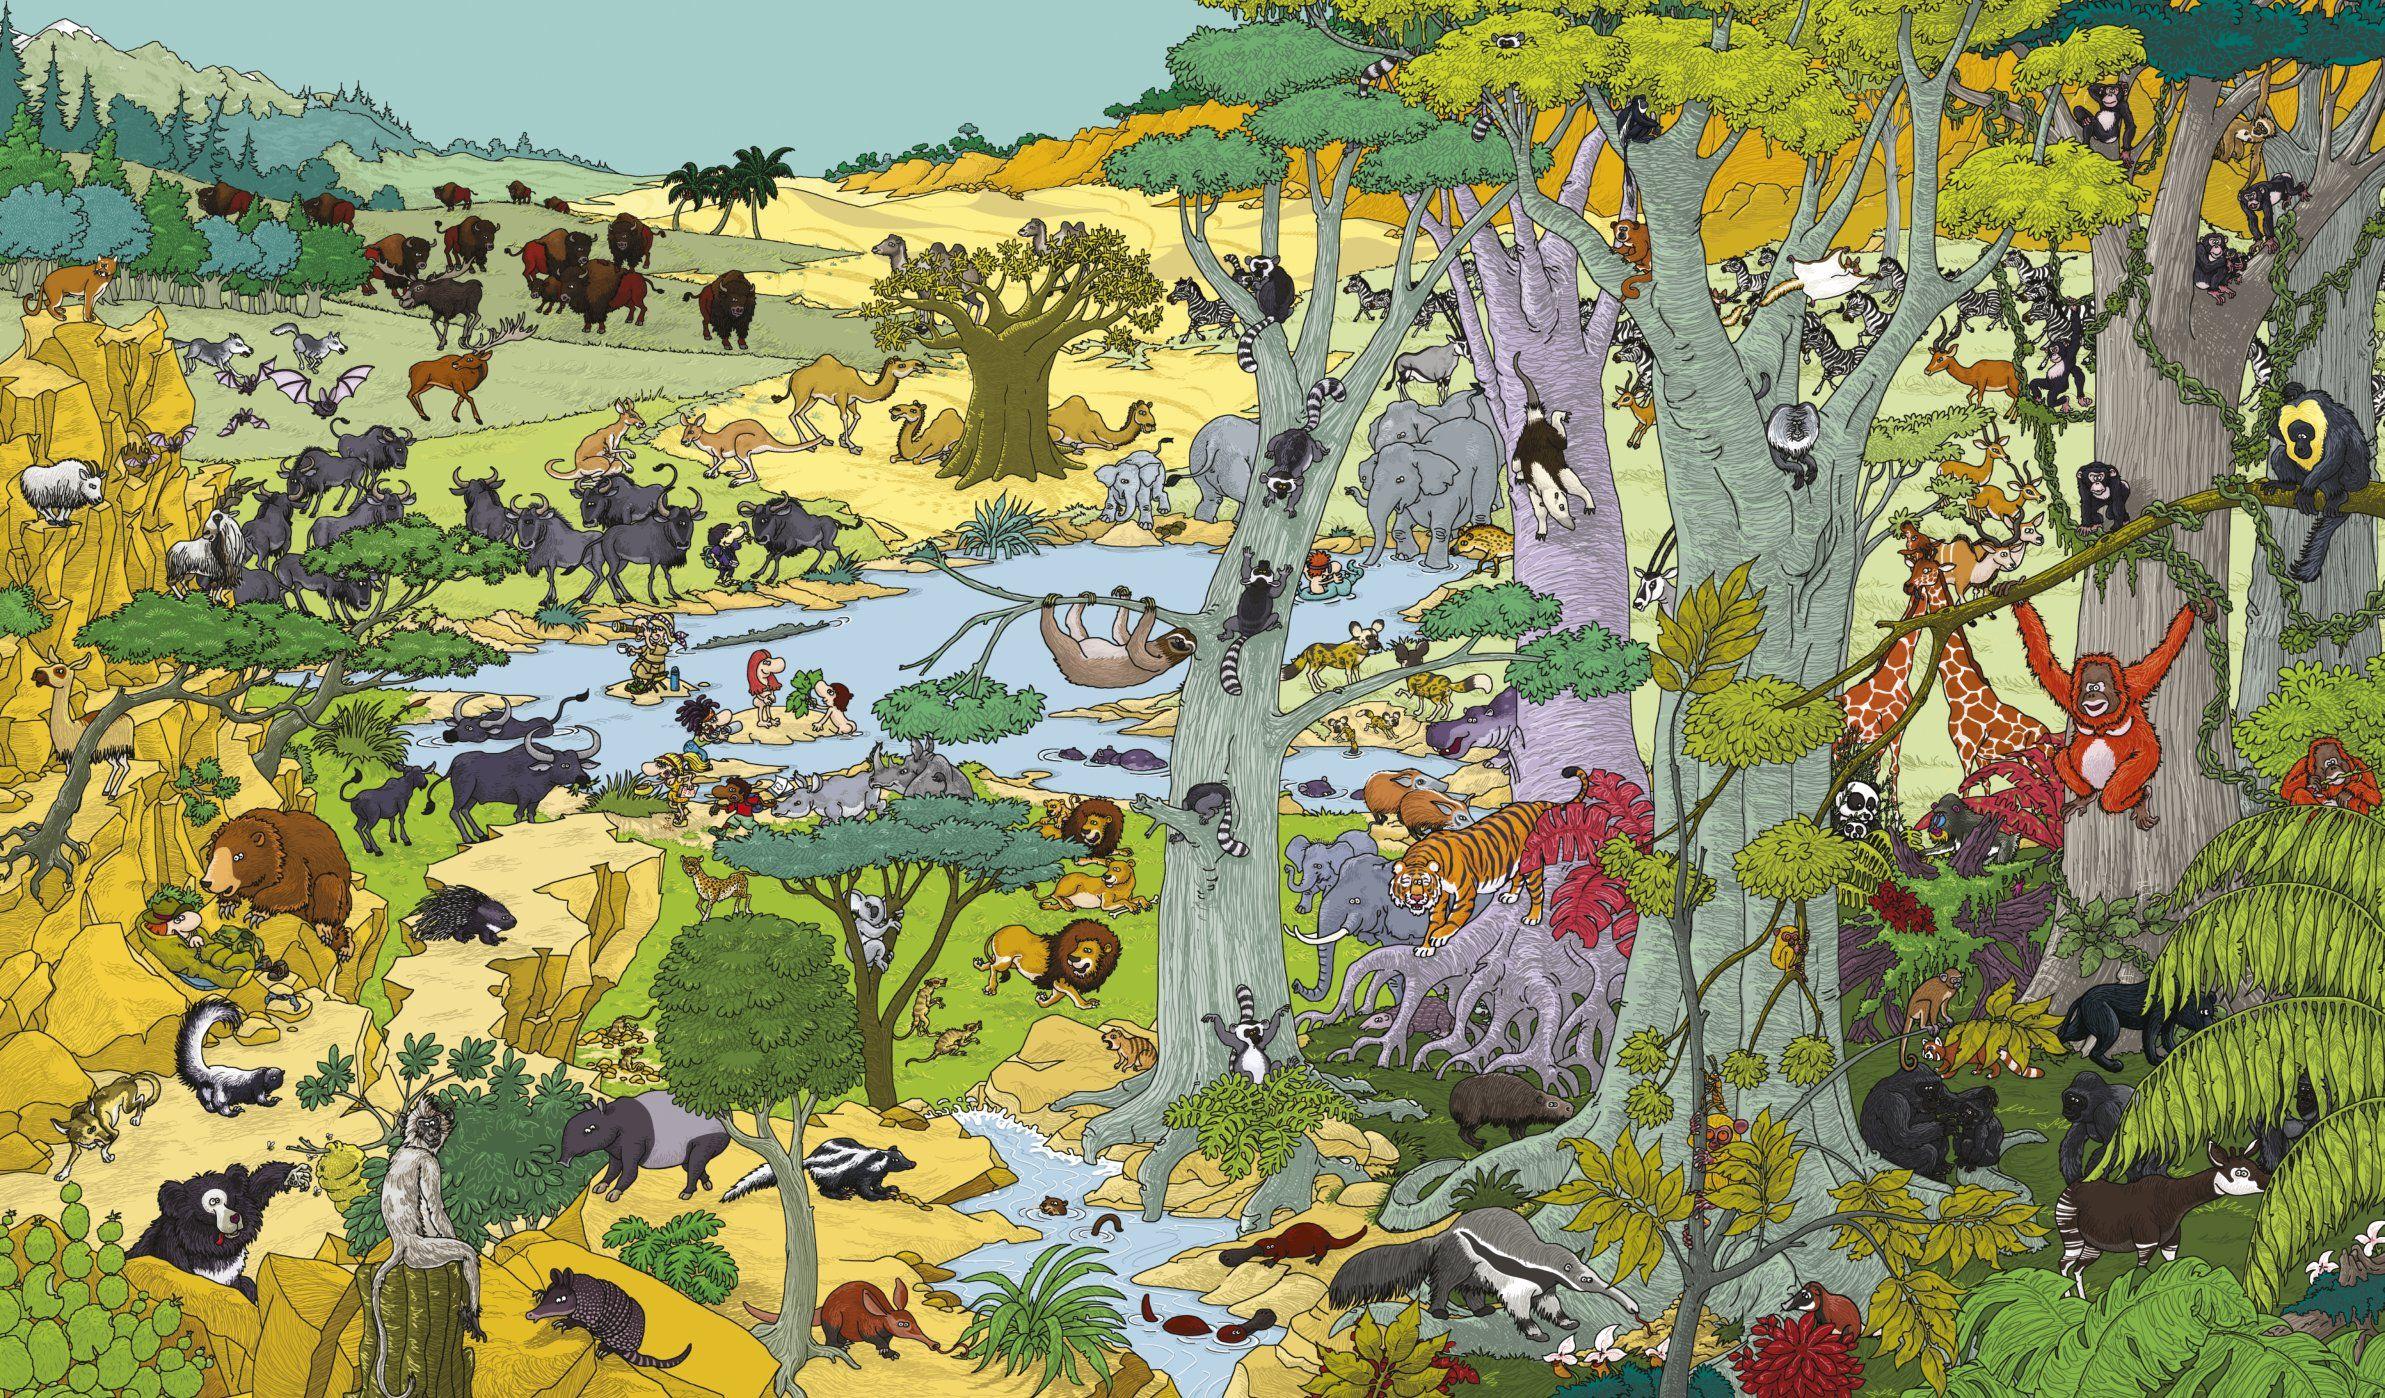 строительства поиск животных на картинках сосредоточены вопросе